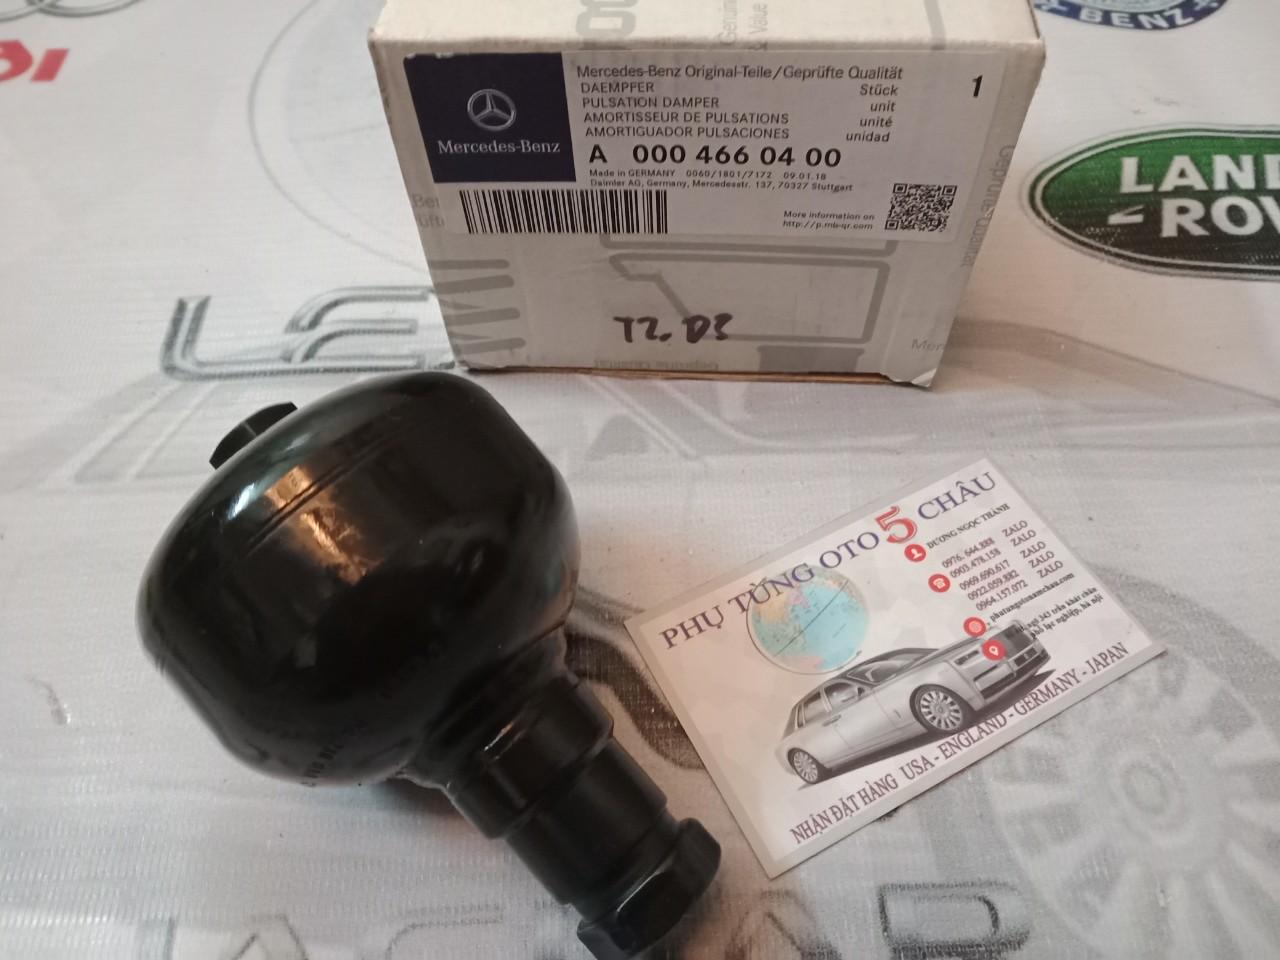 Bầu Tích áp Mercedes 0004660400 (1)